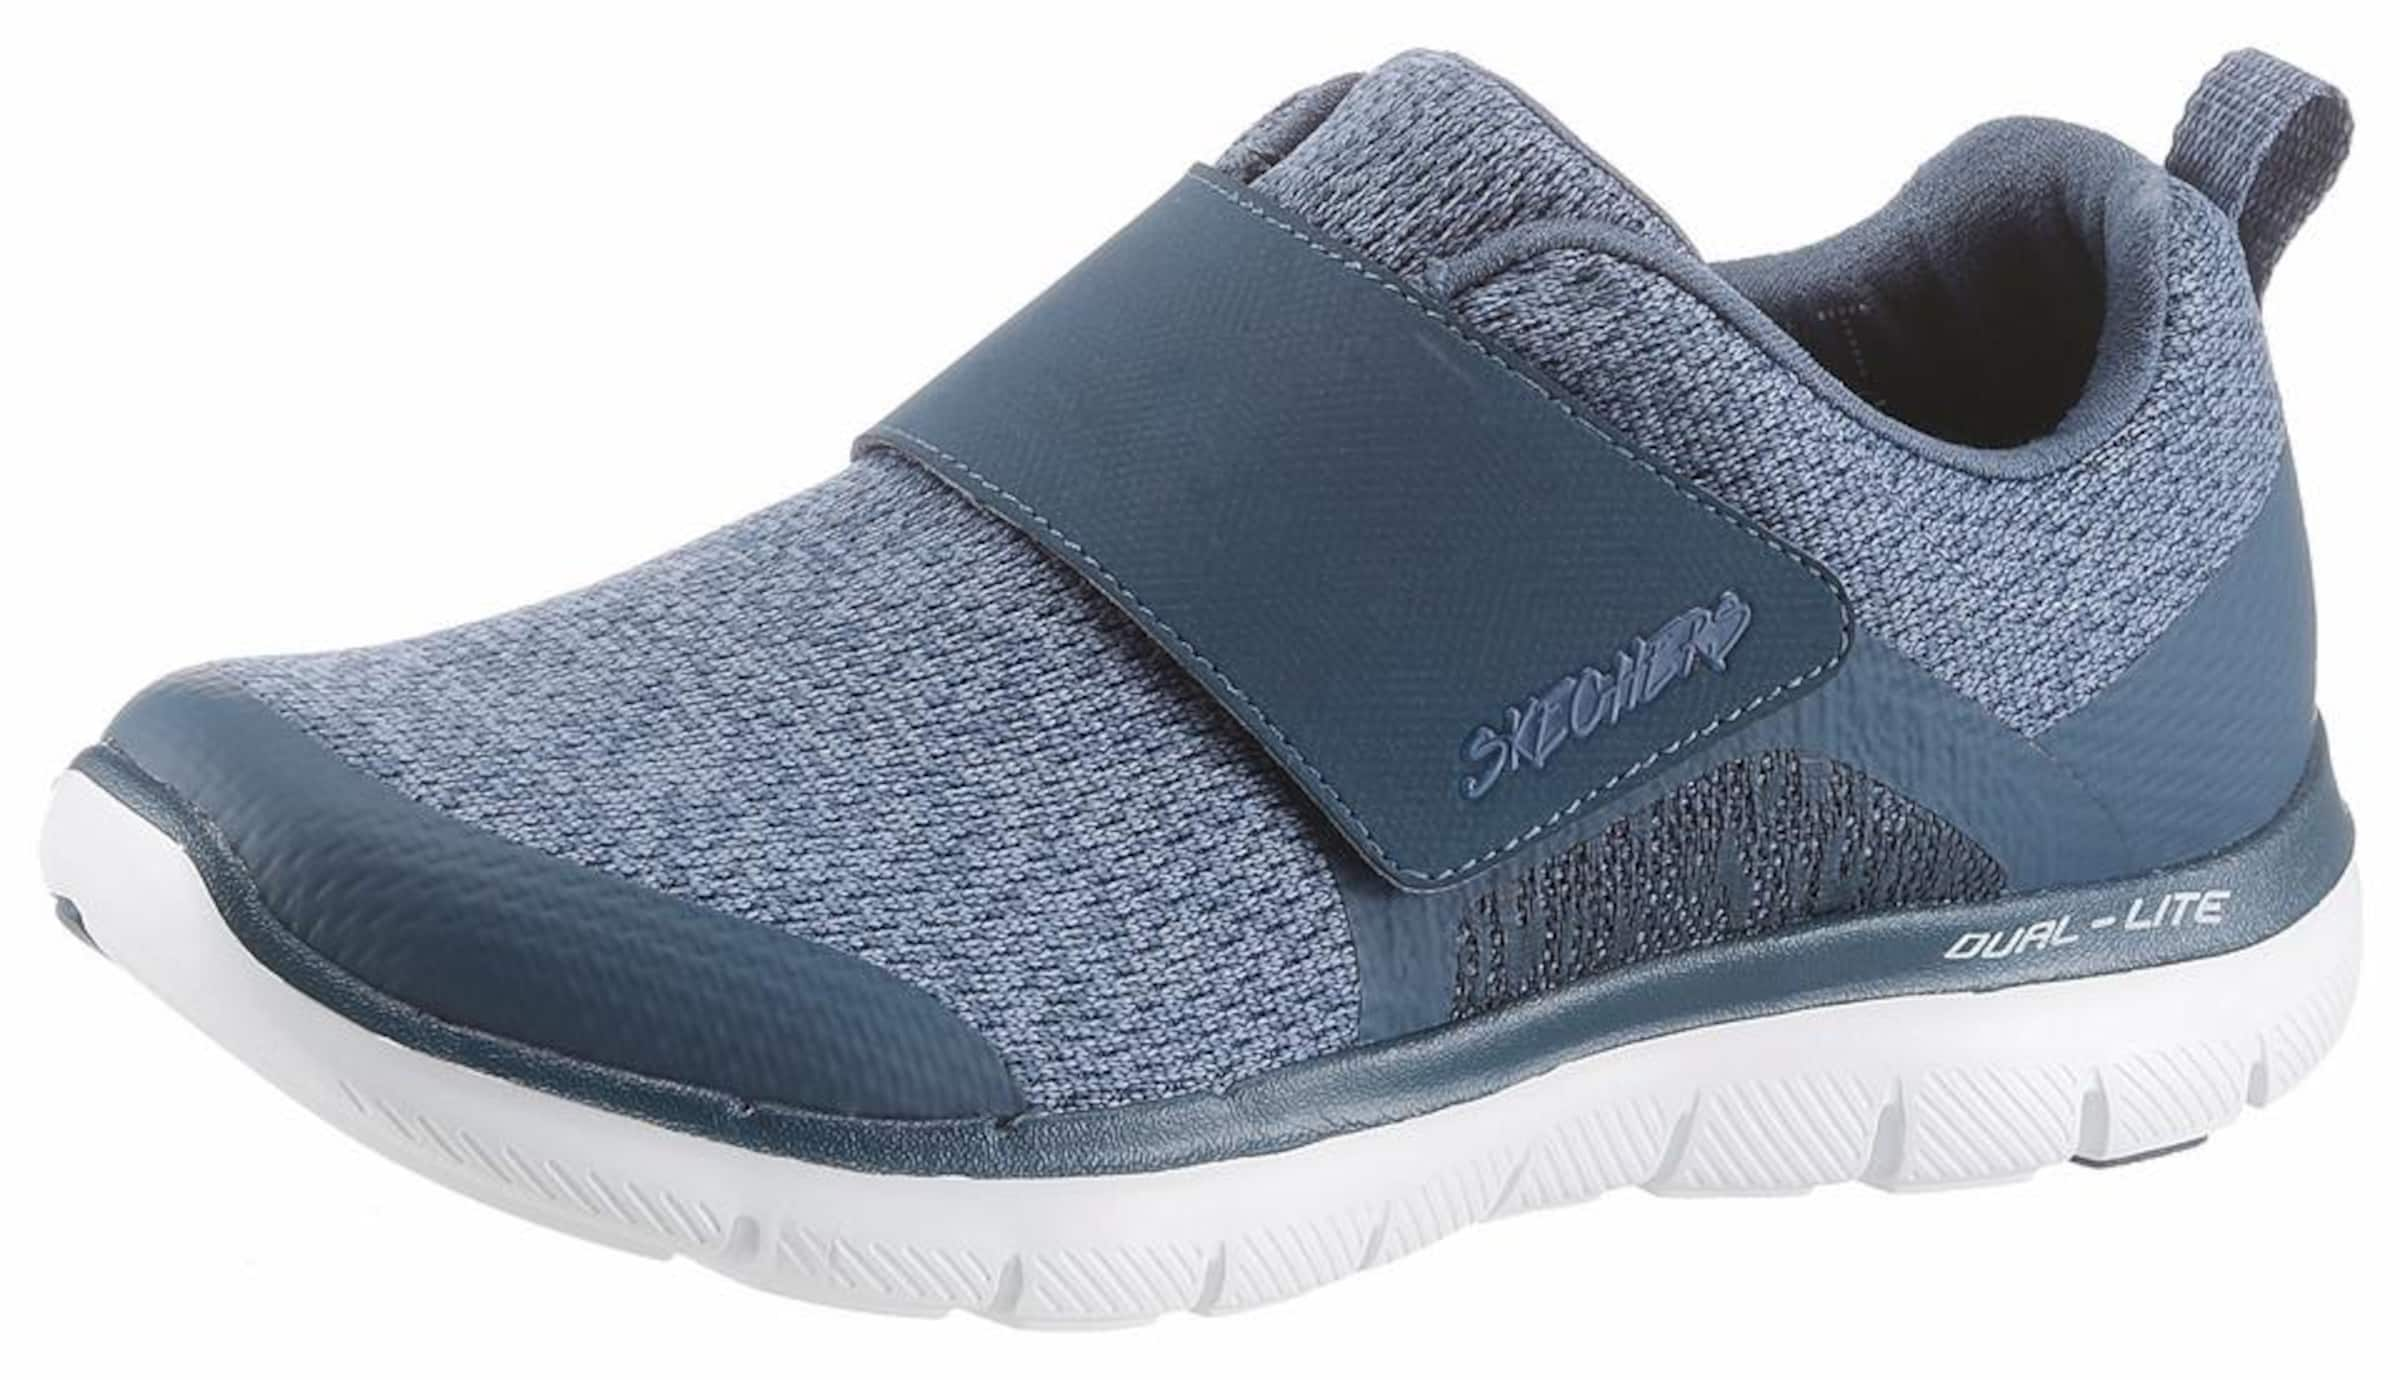 SKECHERS Sneaker Verschleißfeste billige Schuhe Hohe Qualität